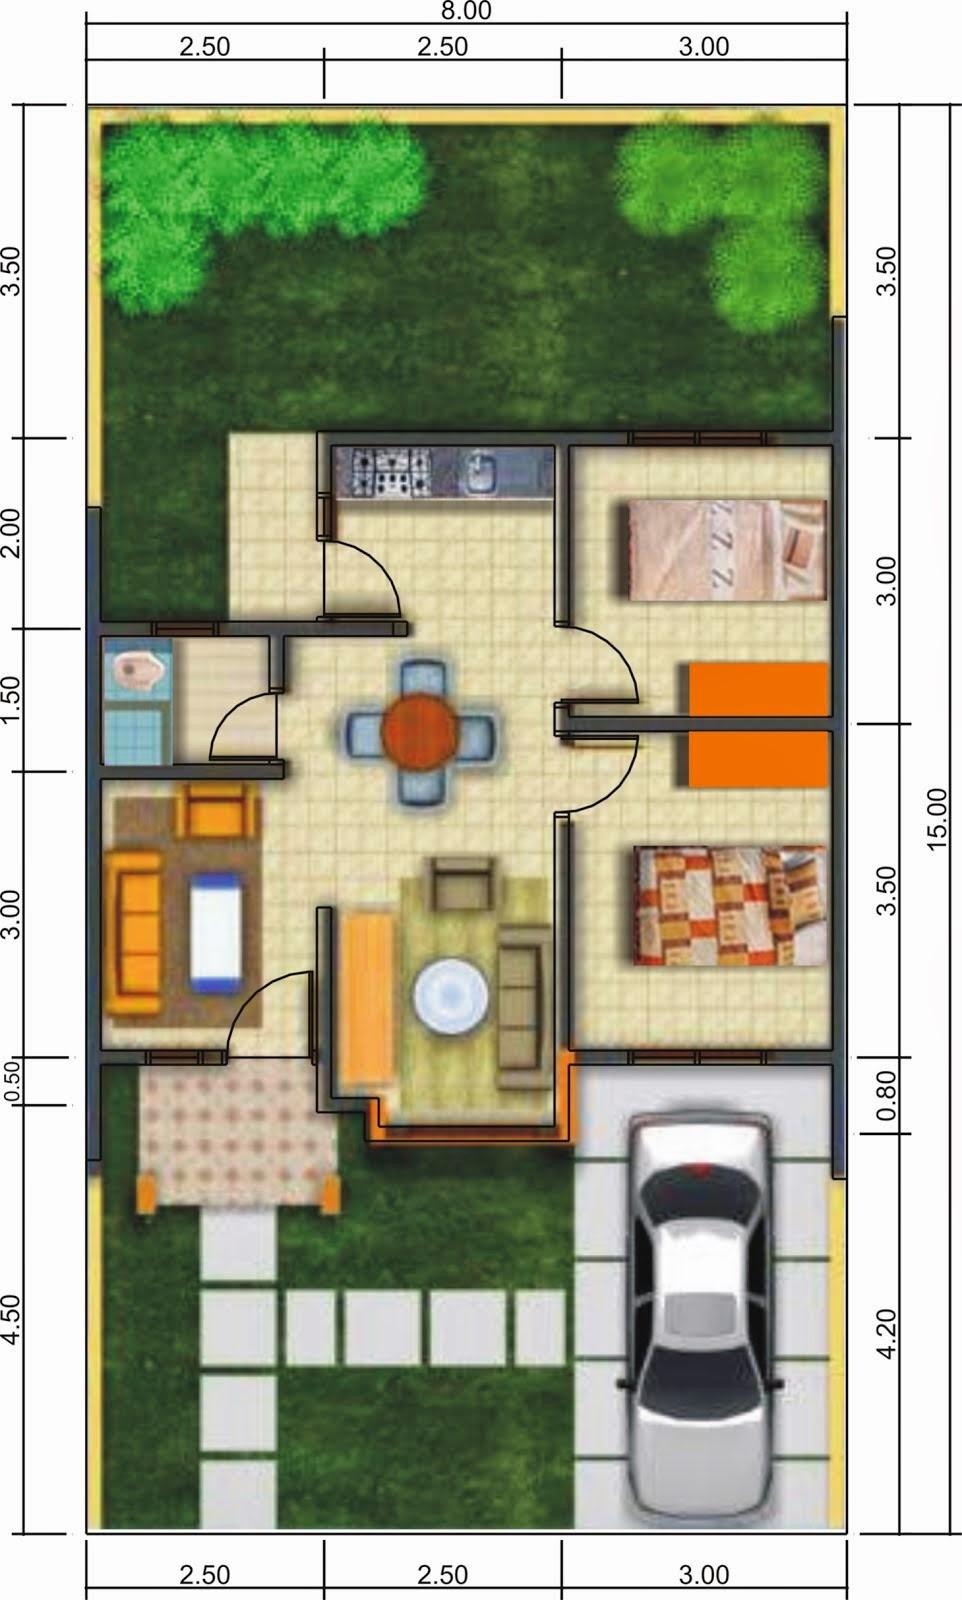 Rumah minimalis 2 kamar 2